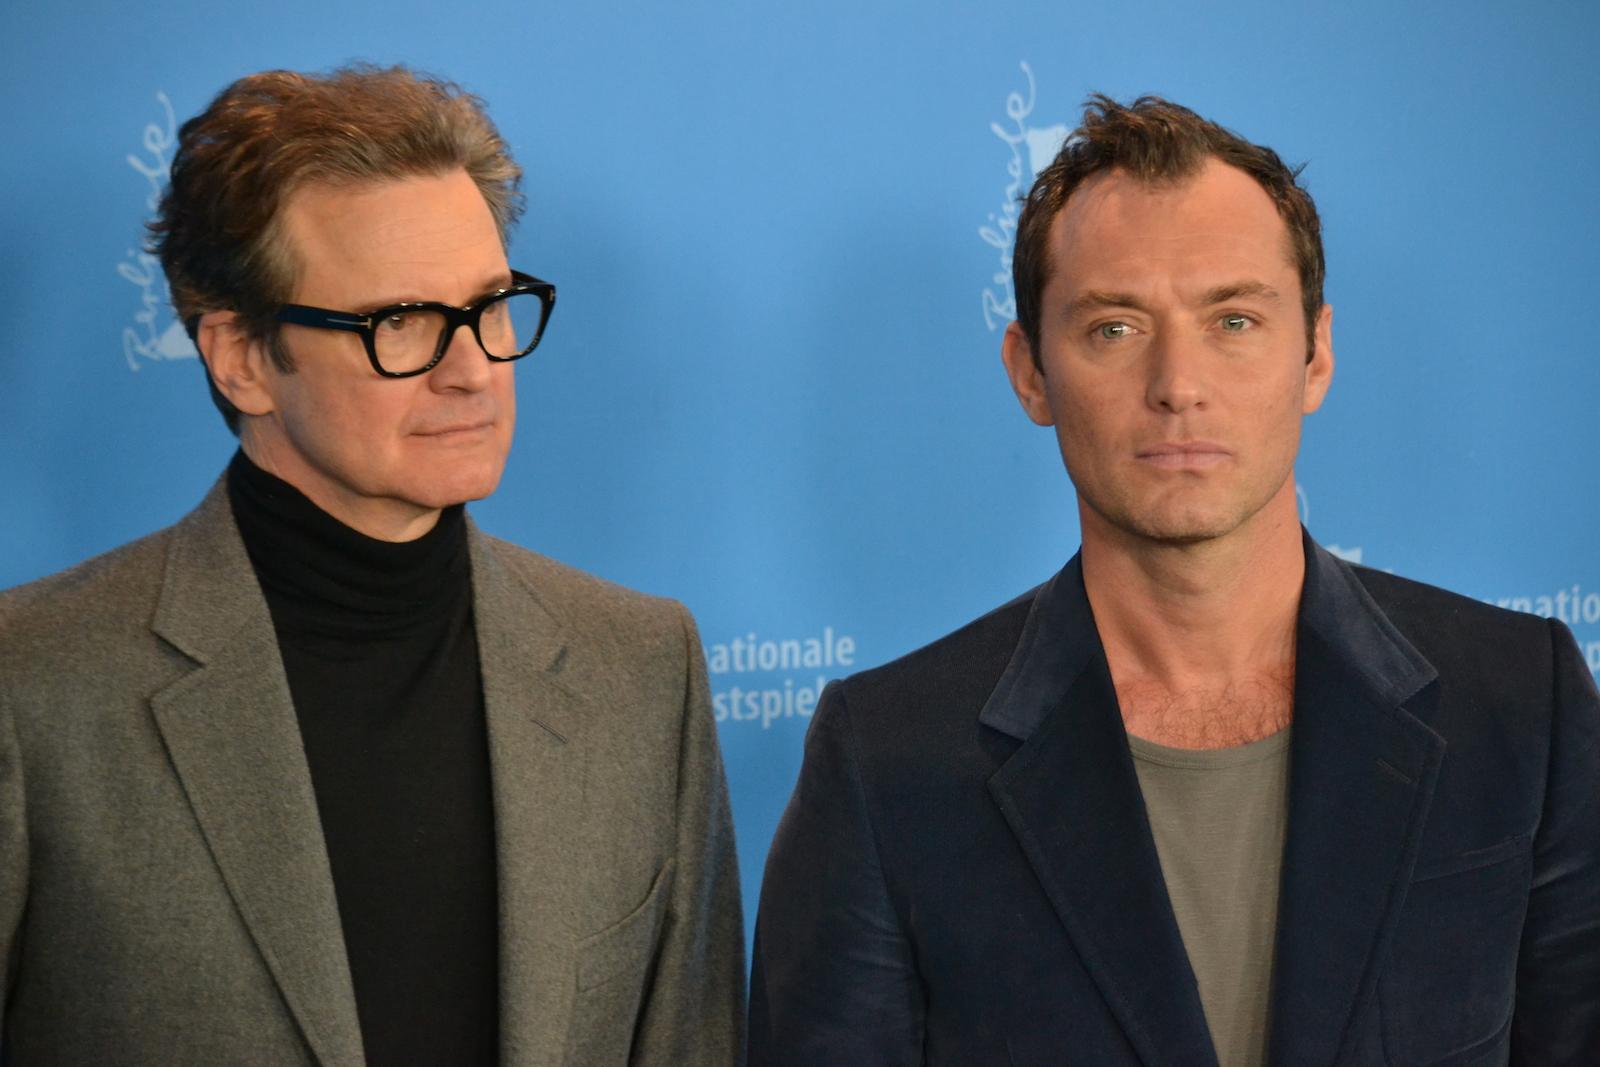 Berlino 2016: Jude Law e Colin Firth in uno scatto al photocall di Genius